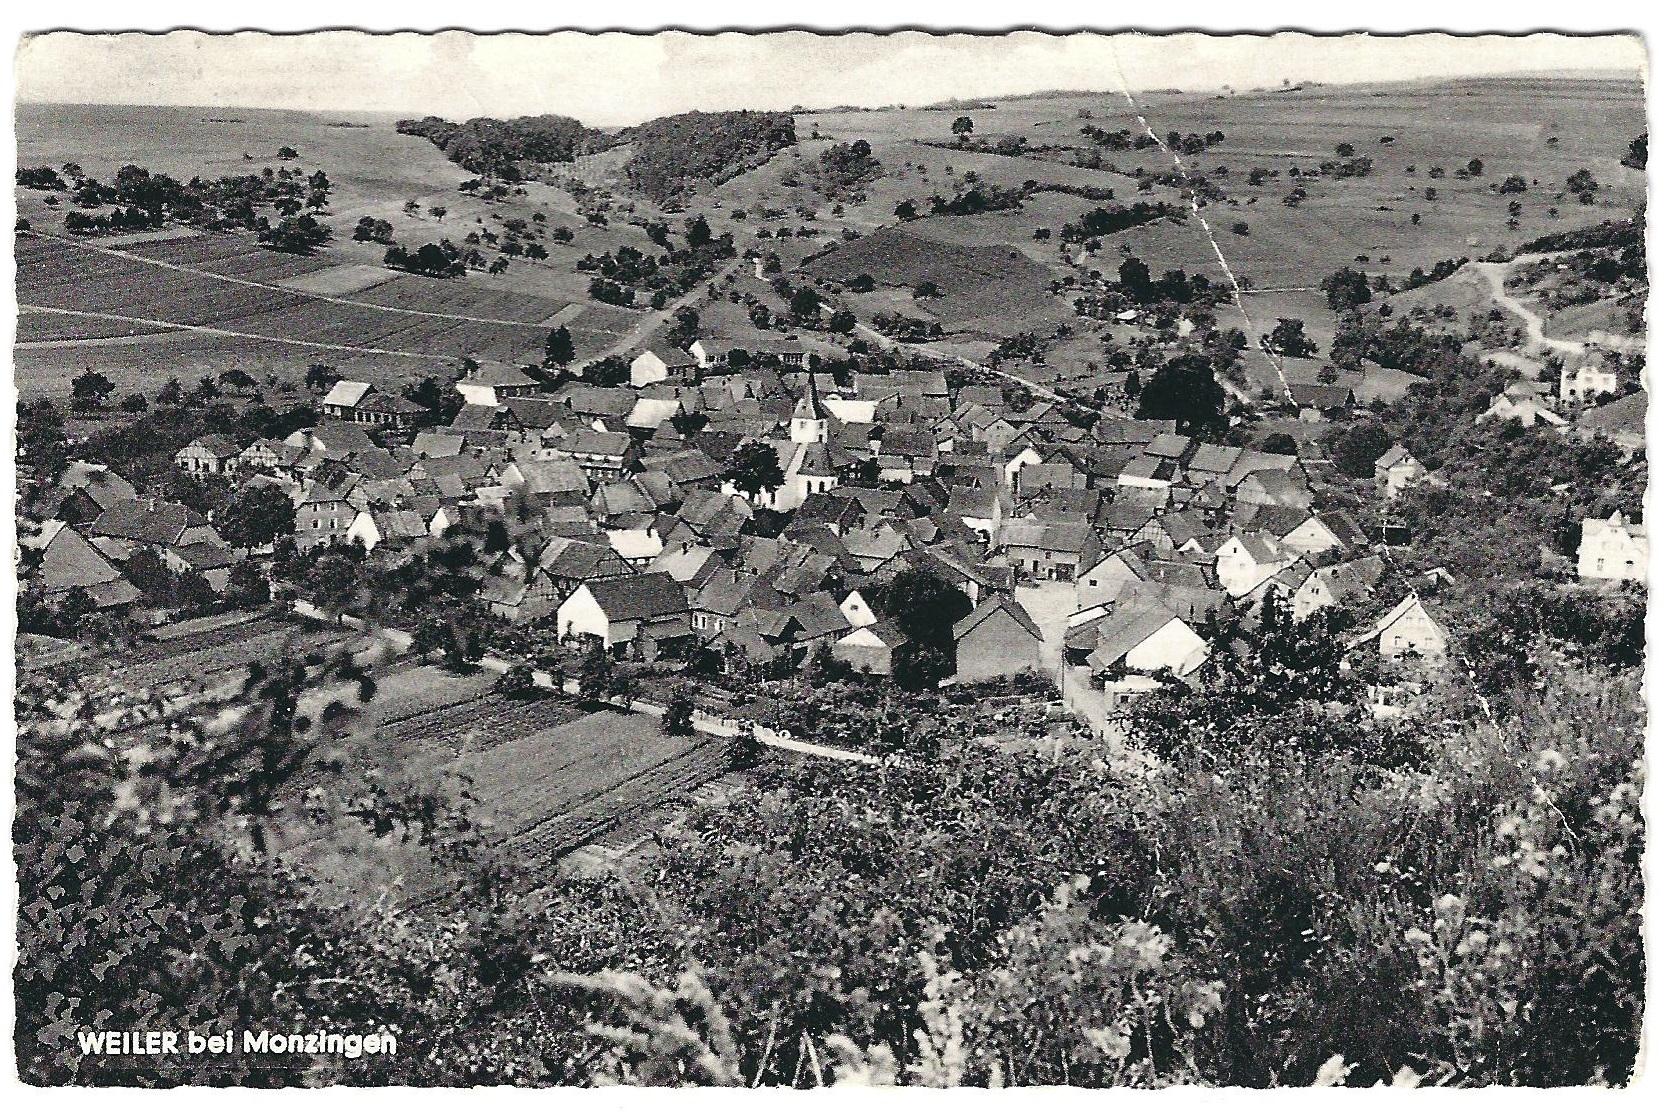 Weiler fotografiert von der Hardt